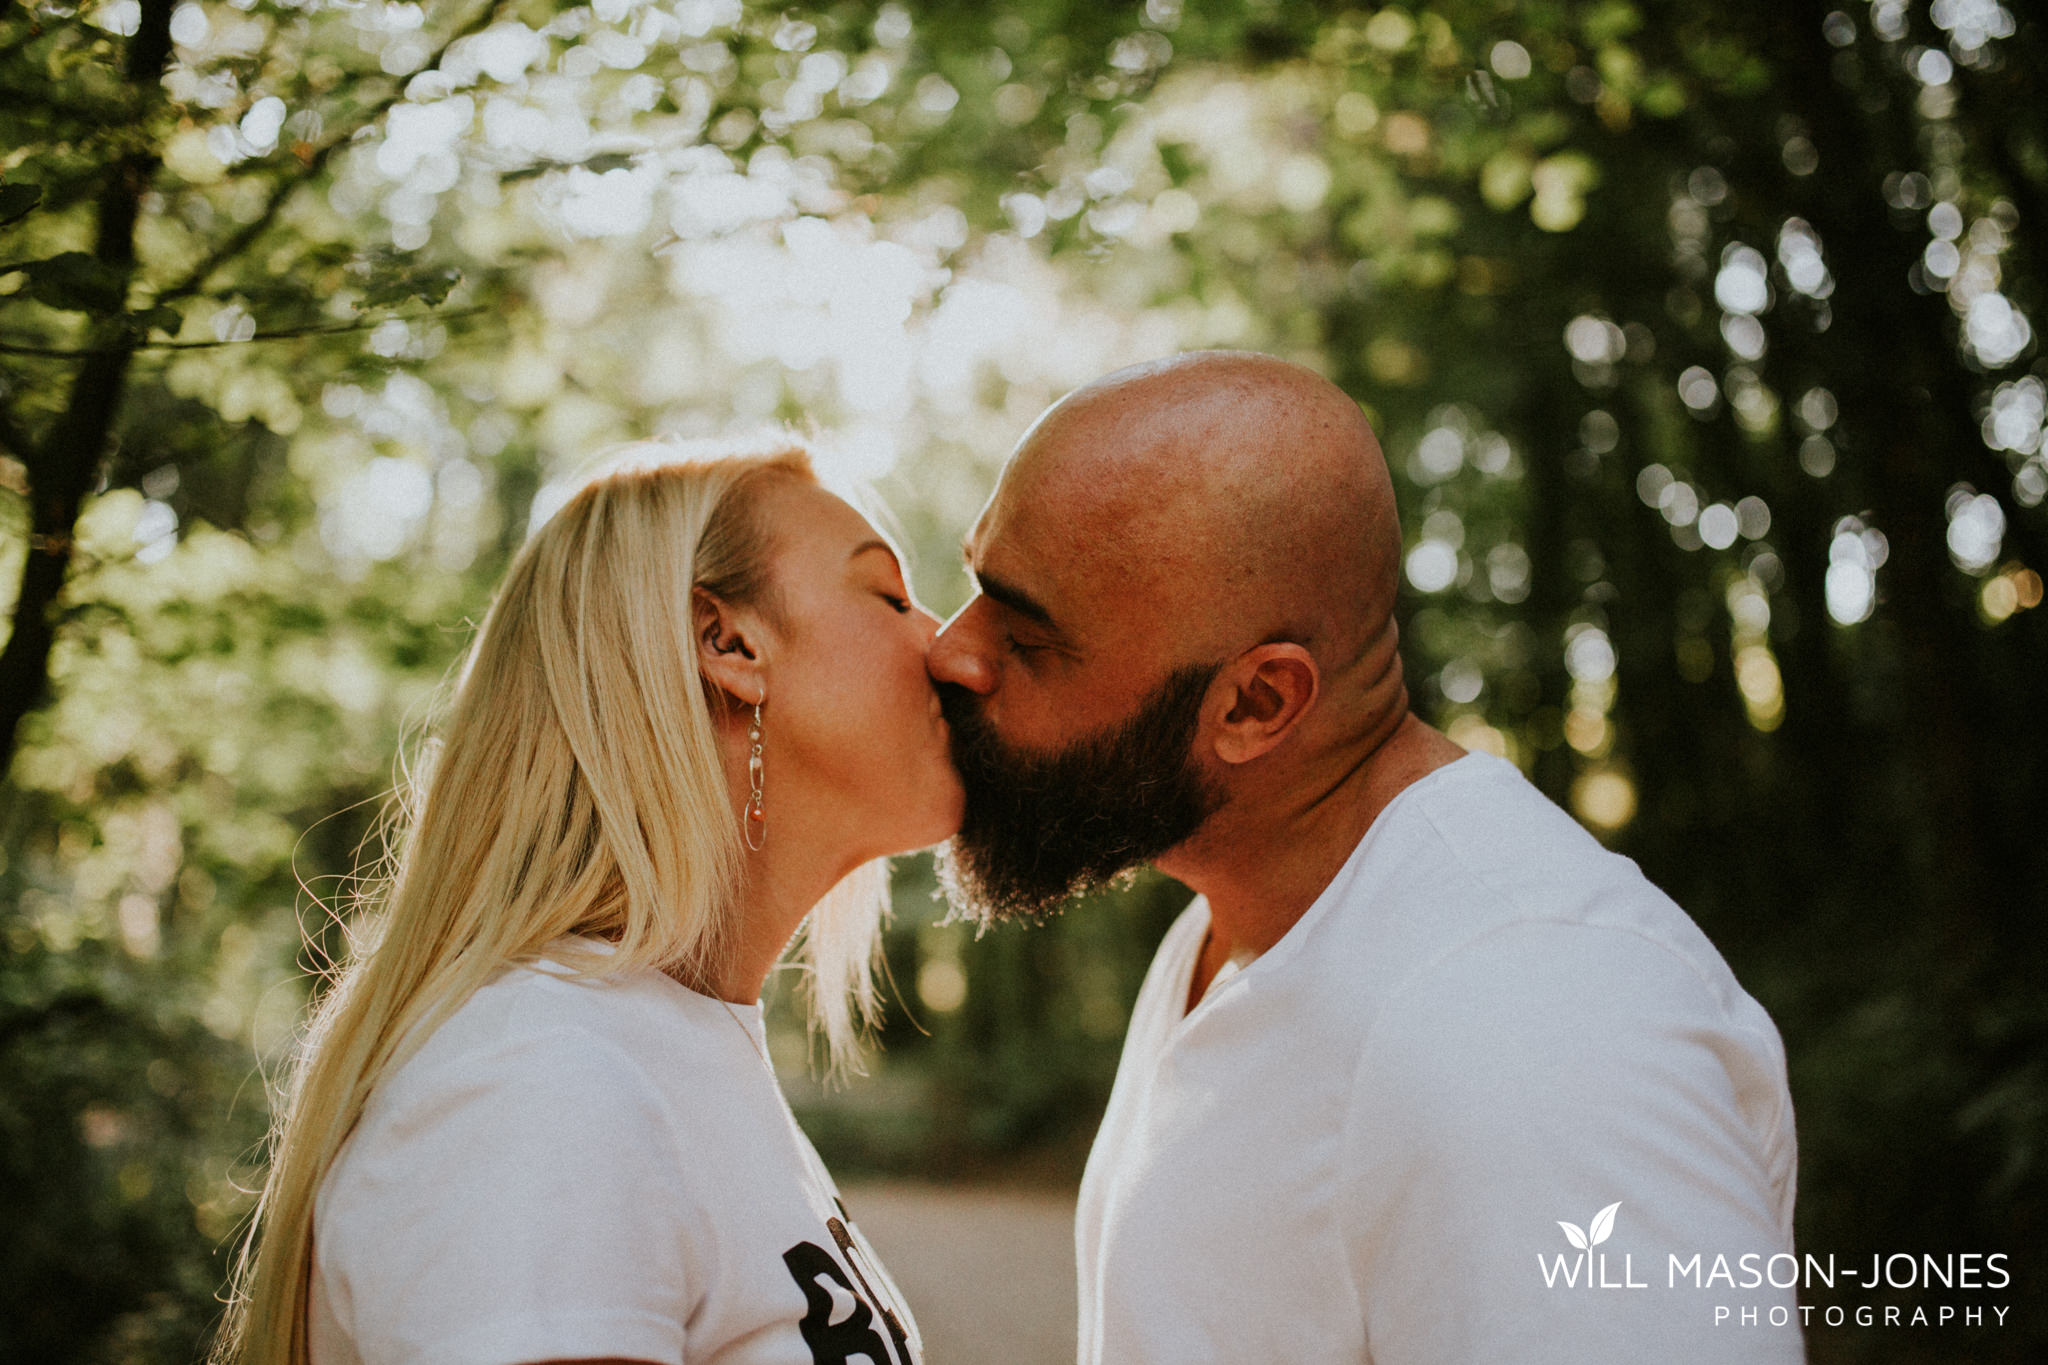 penllegaer-woods-couple-engagement-photographer-swansea-102.jpg